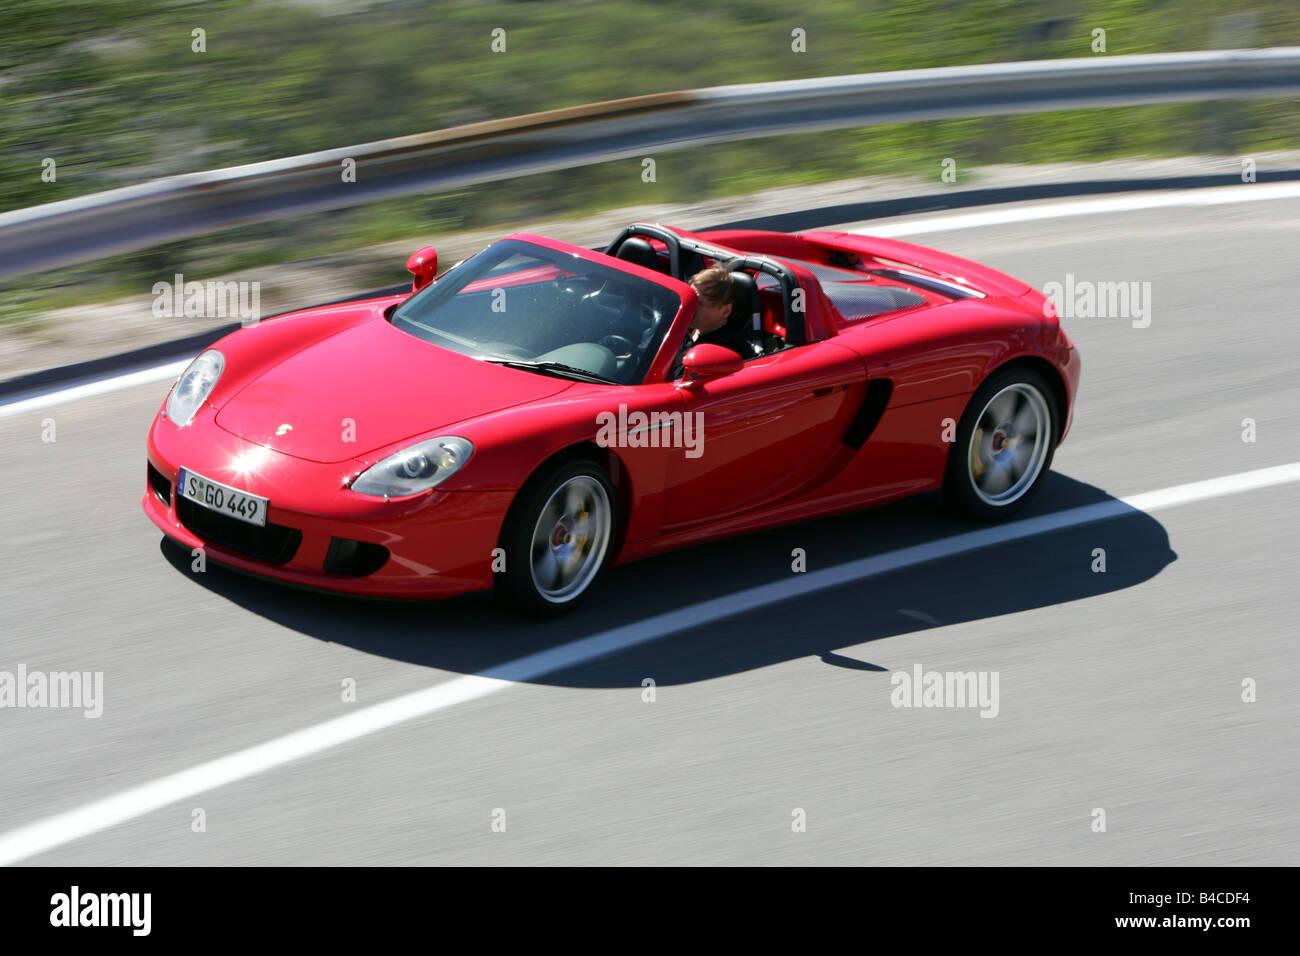 car-porsche-carrera-gt-model-year-2005-red-convertible-open-top-driving-B4CDF4.jpg